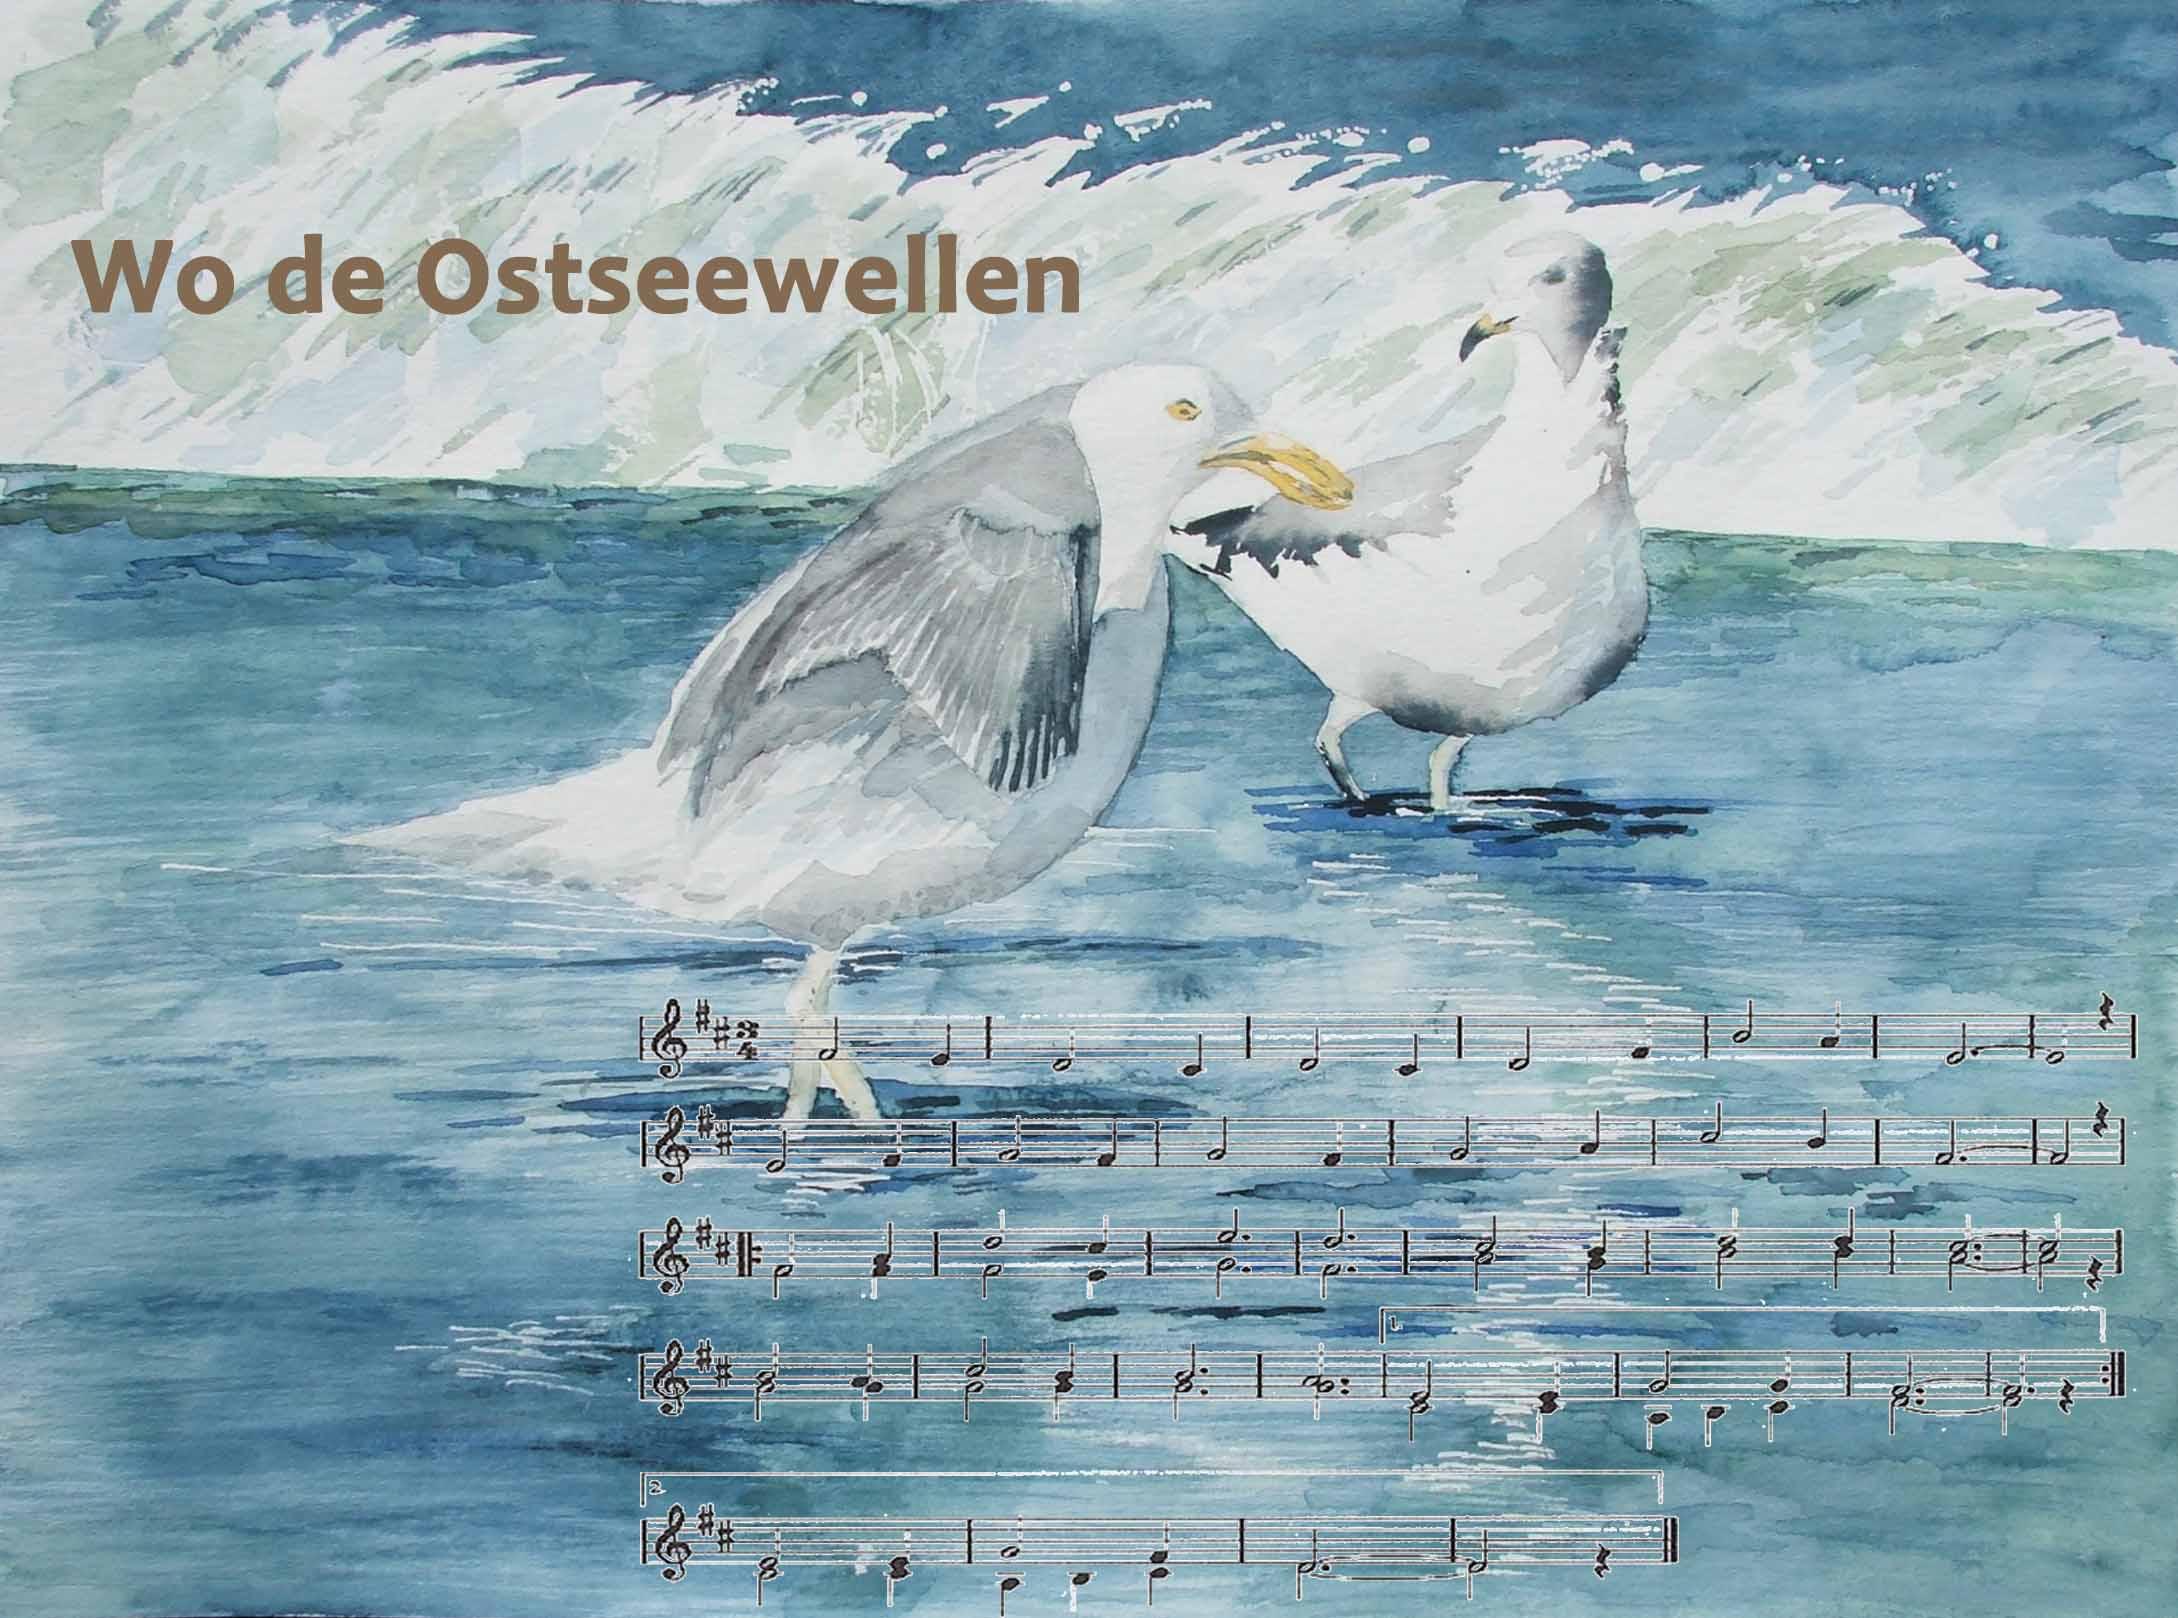 Wo de Ostseewellen ....